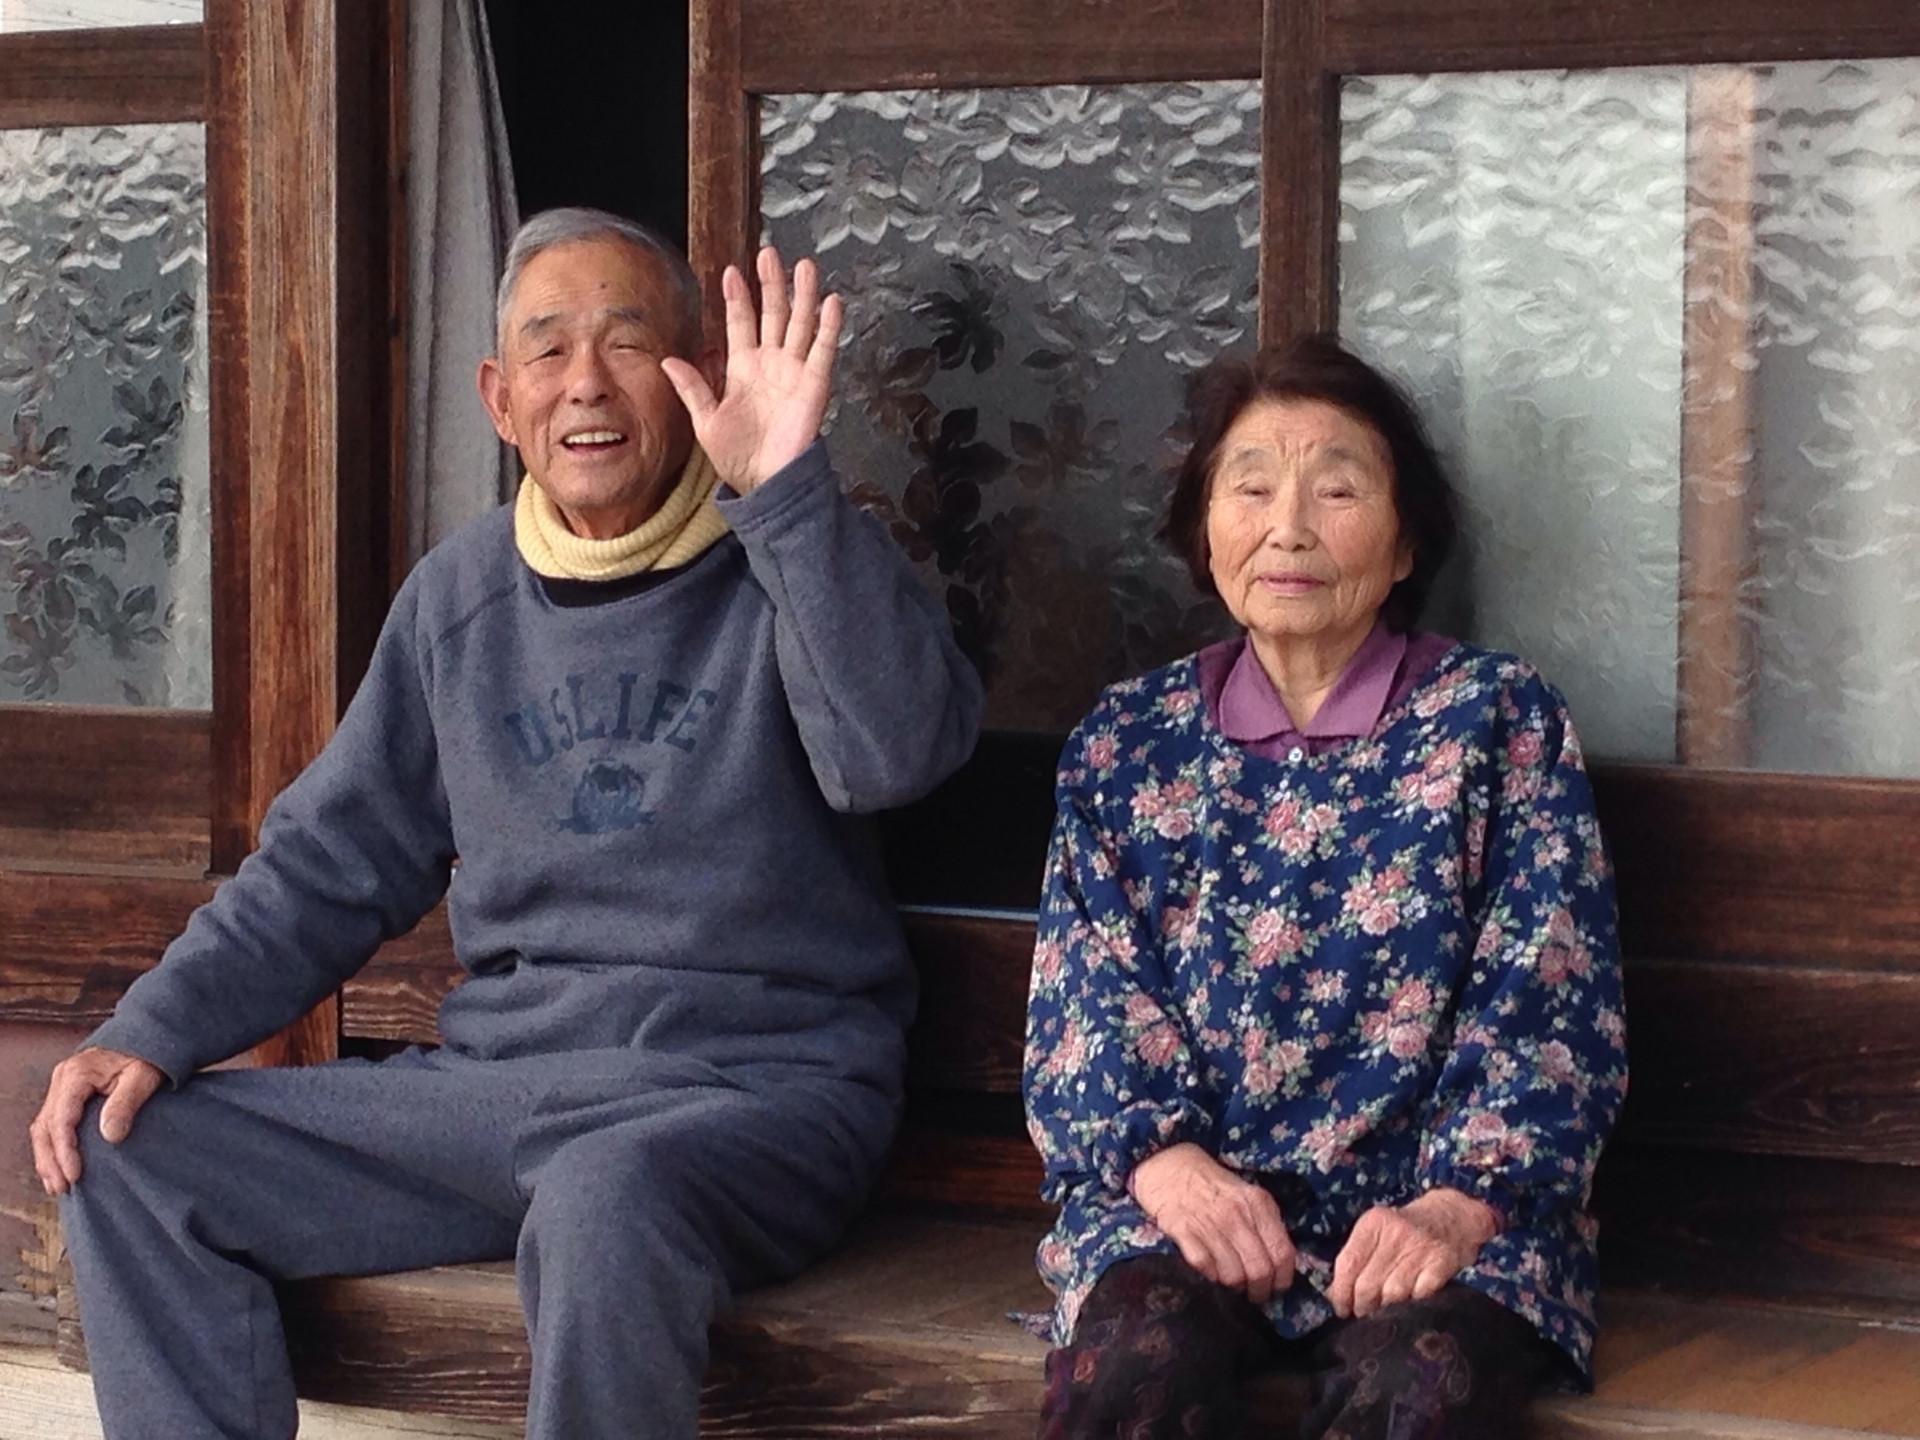 ハッピーリタイア・ハッピーセカンドライフのための老後資金づくり相談